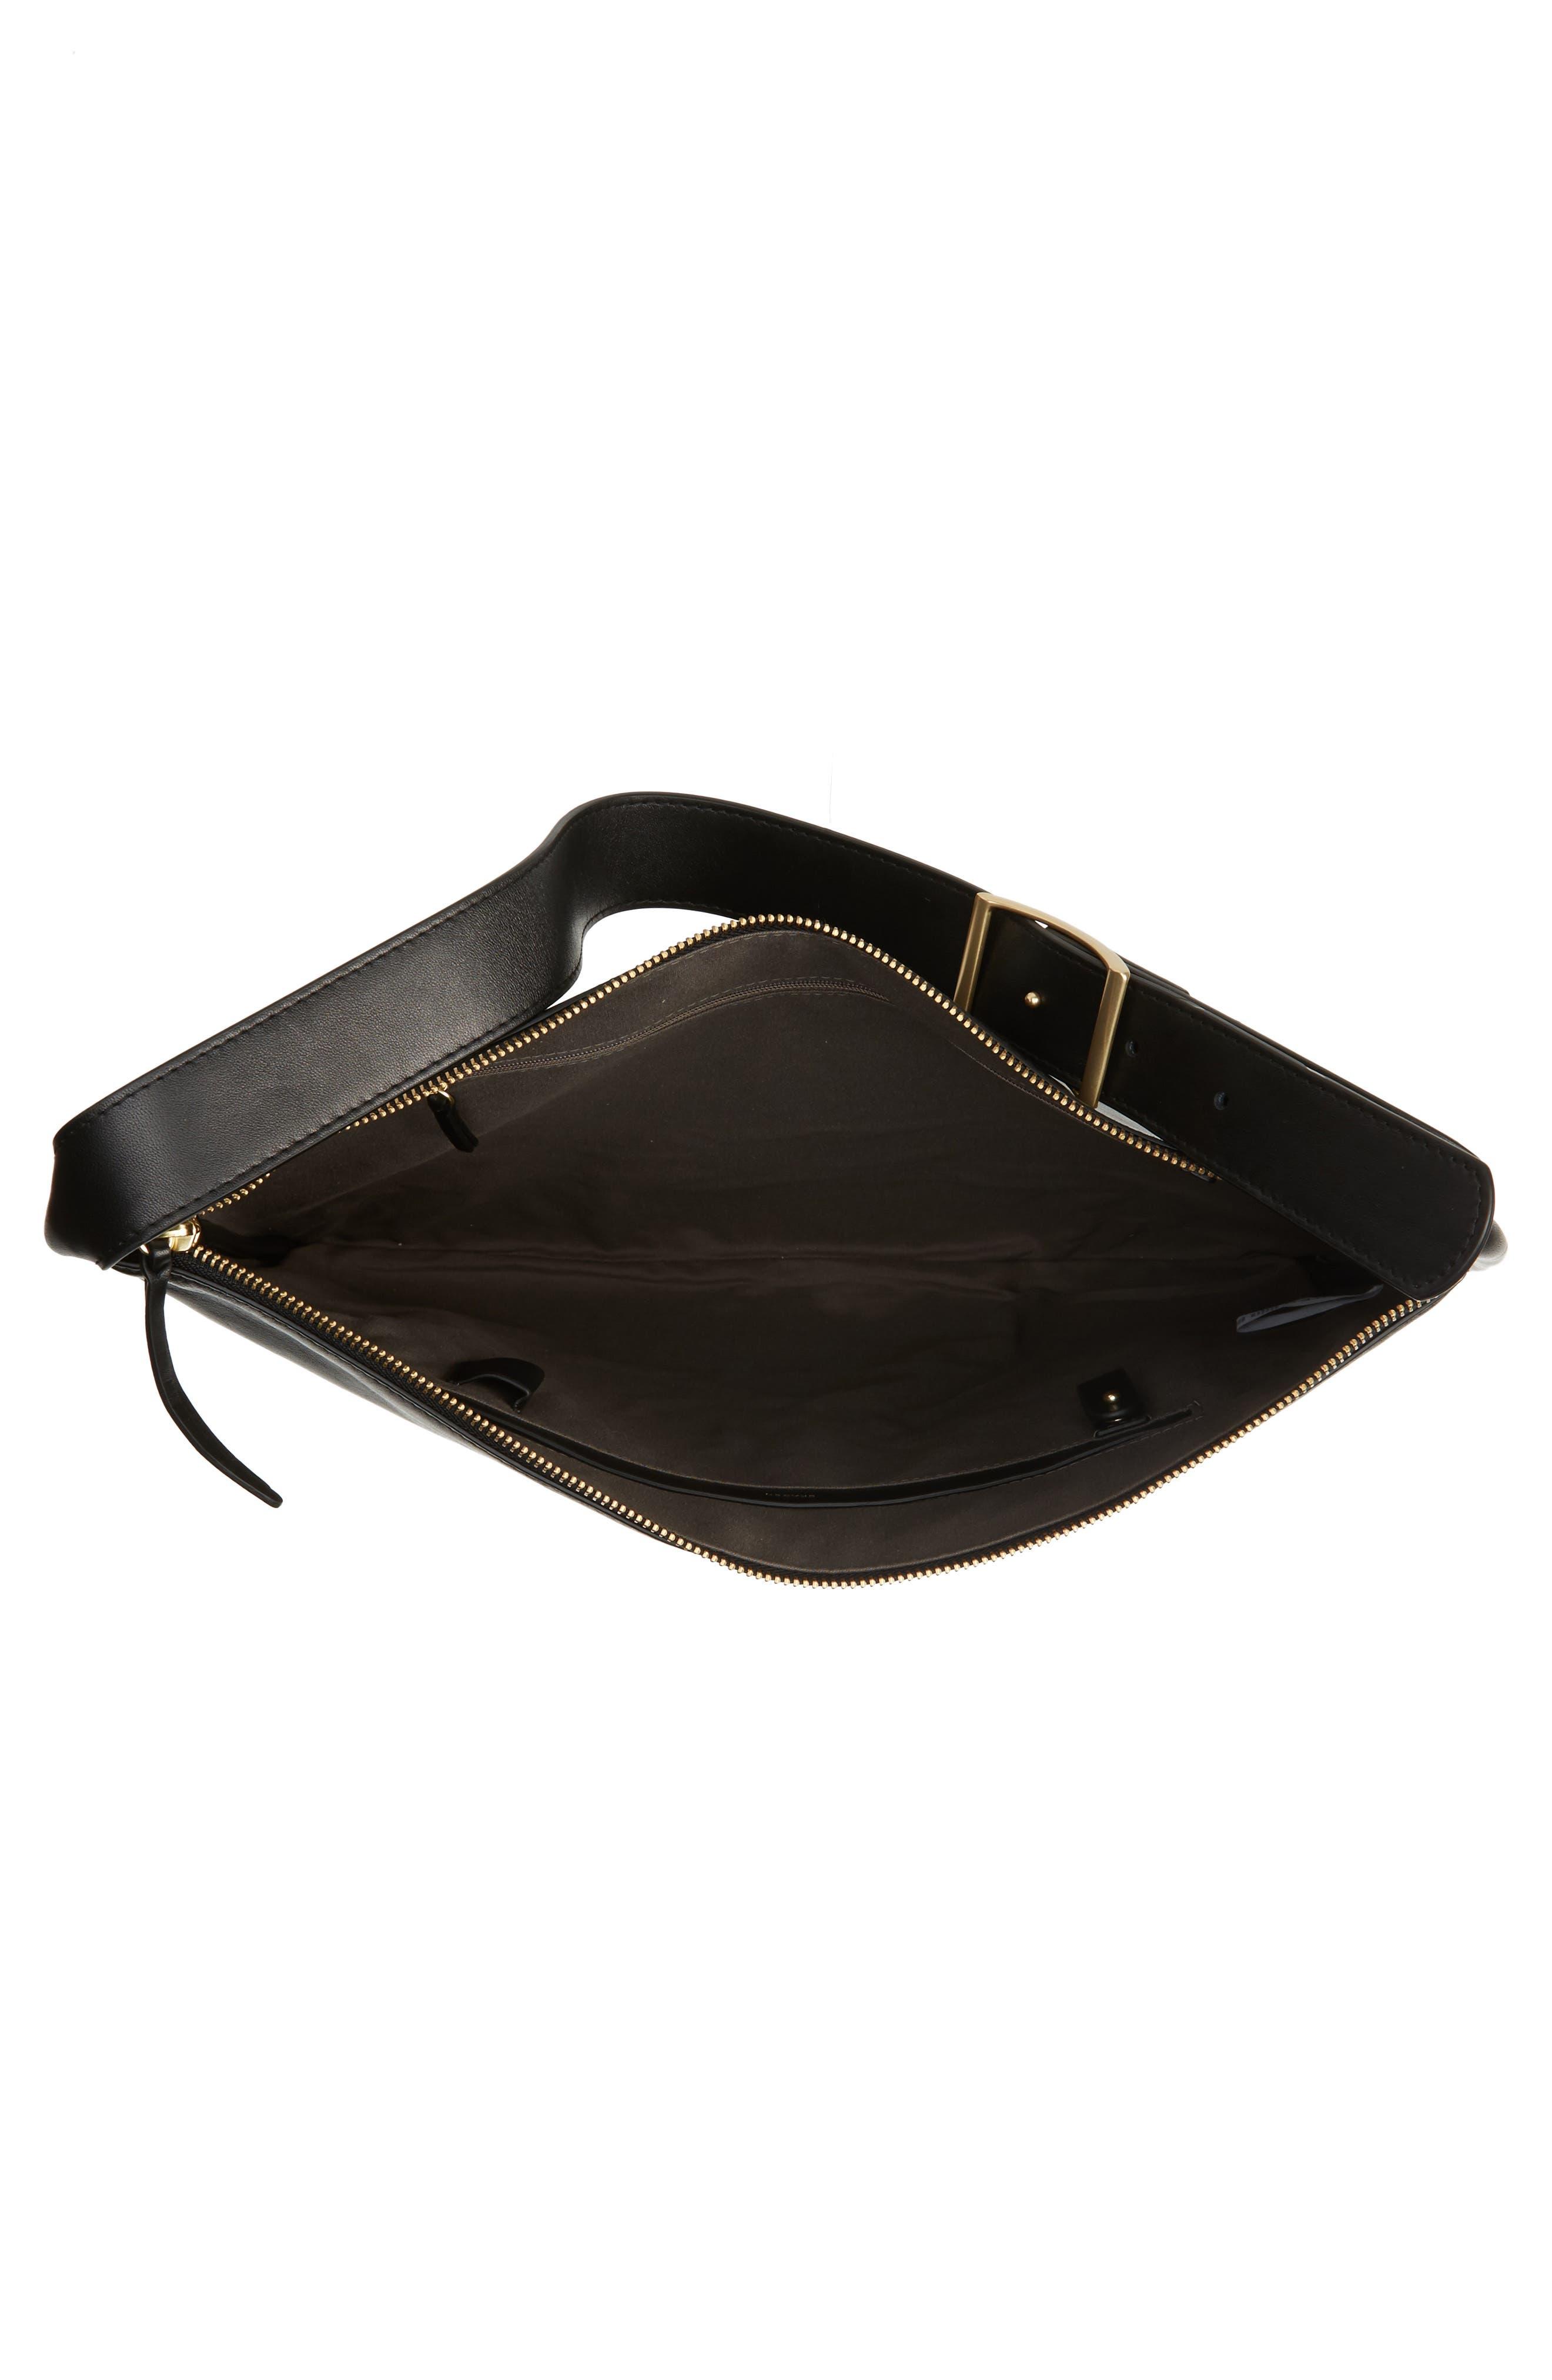 Anesa Leather Shoulder Bag,                             Alternate thumbnail 4, color,                             001